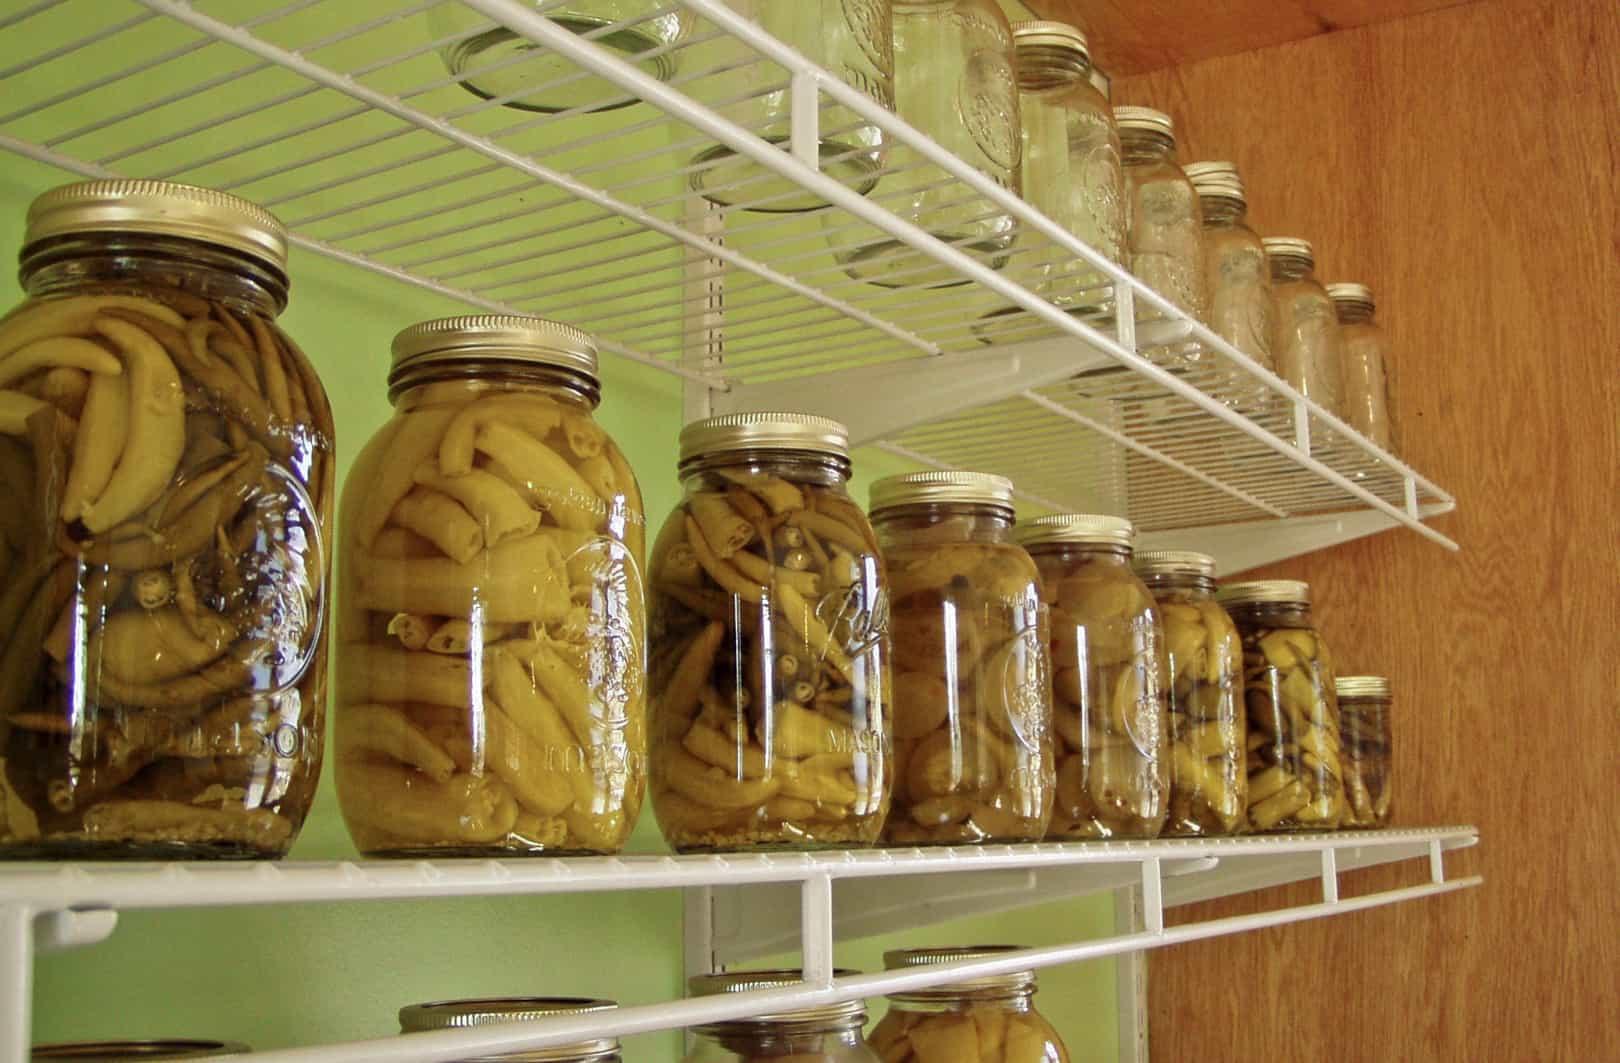 pickled vegetables in jars on shelf